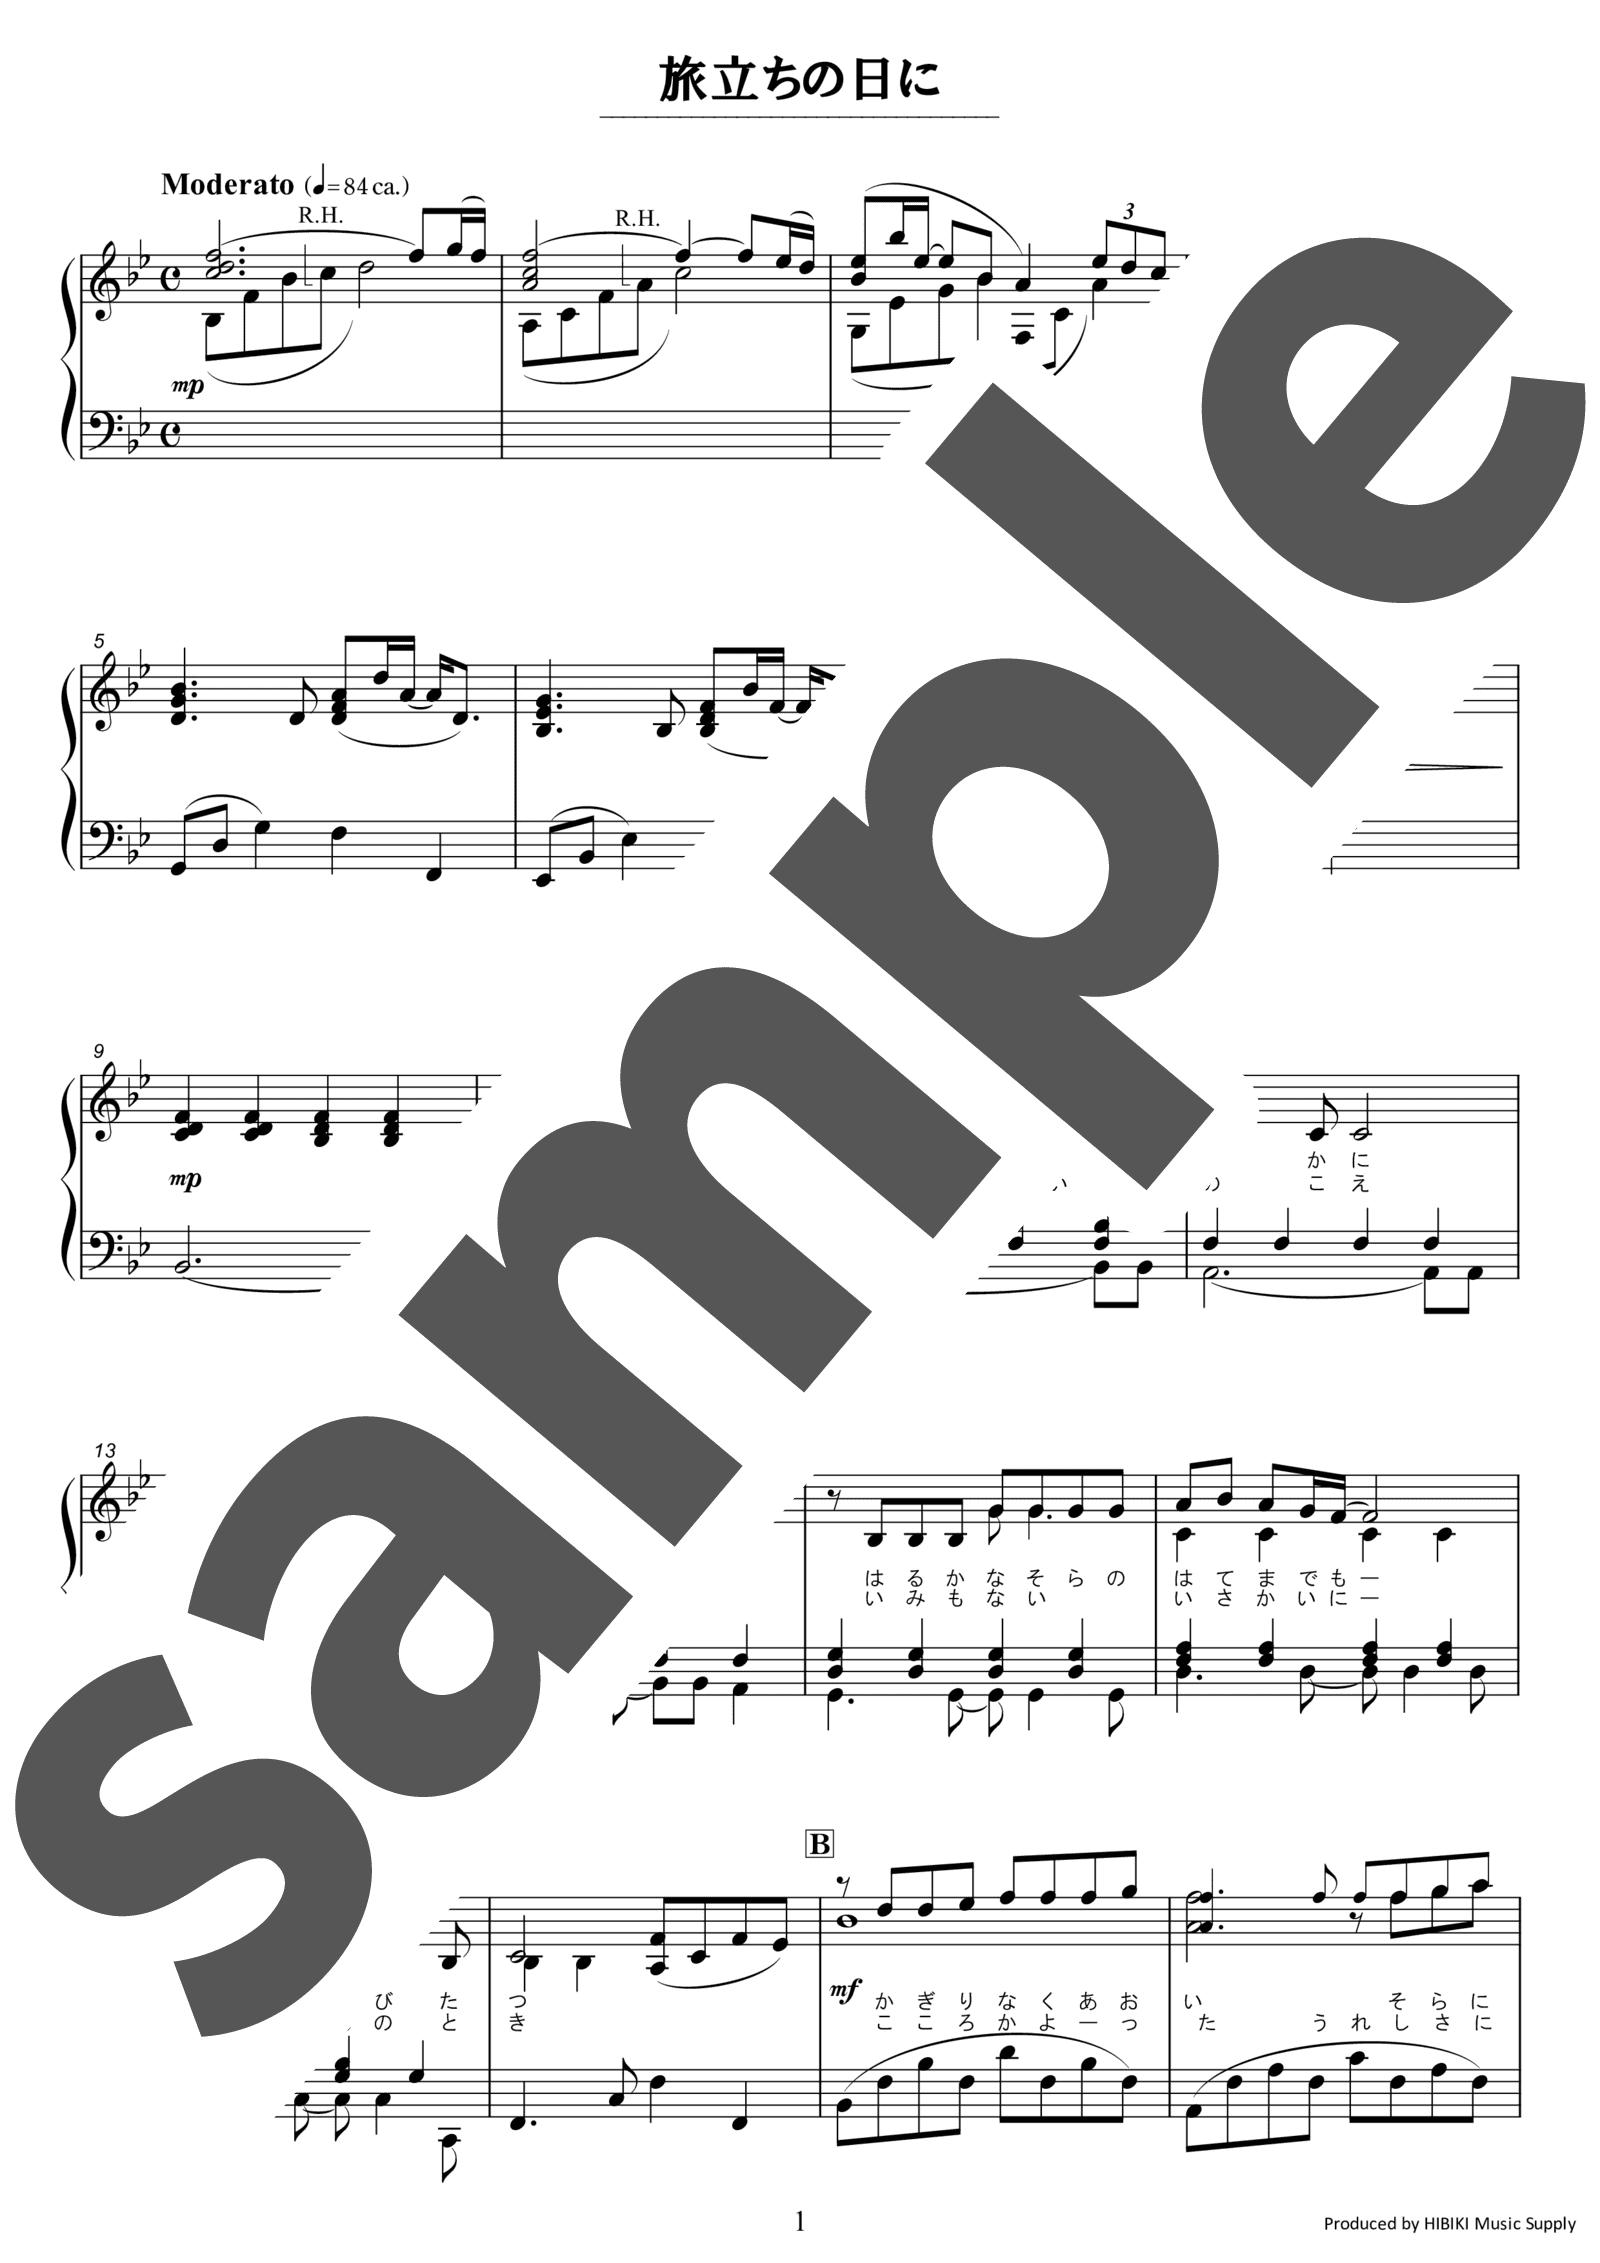 「旅立ちの日に」のサンプル楽譜